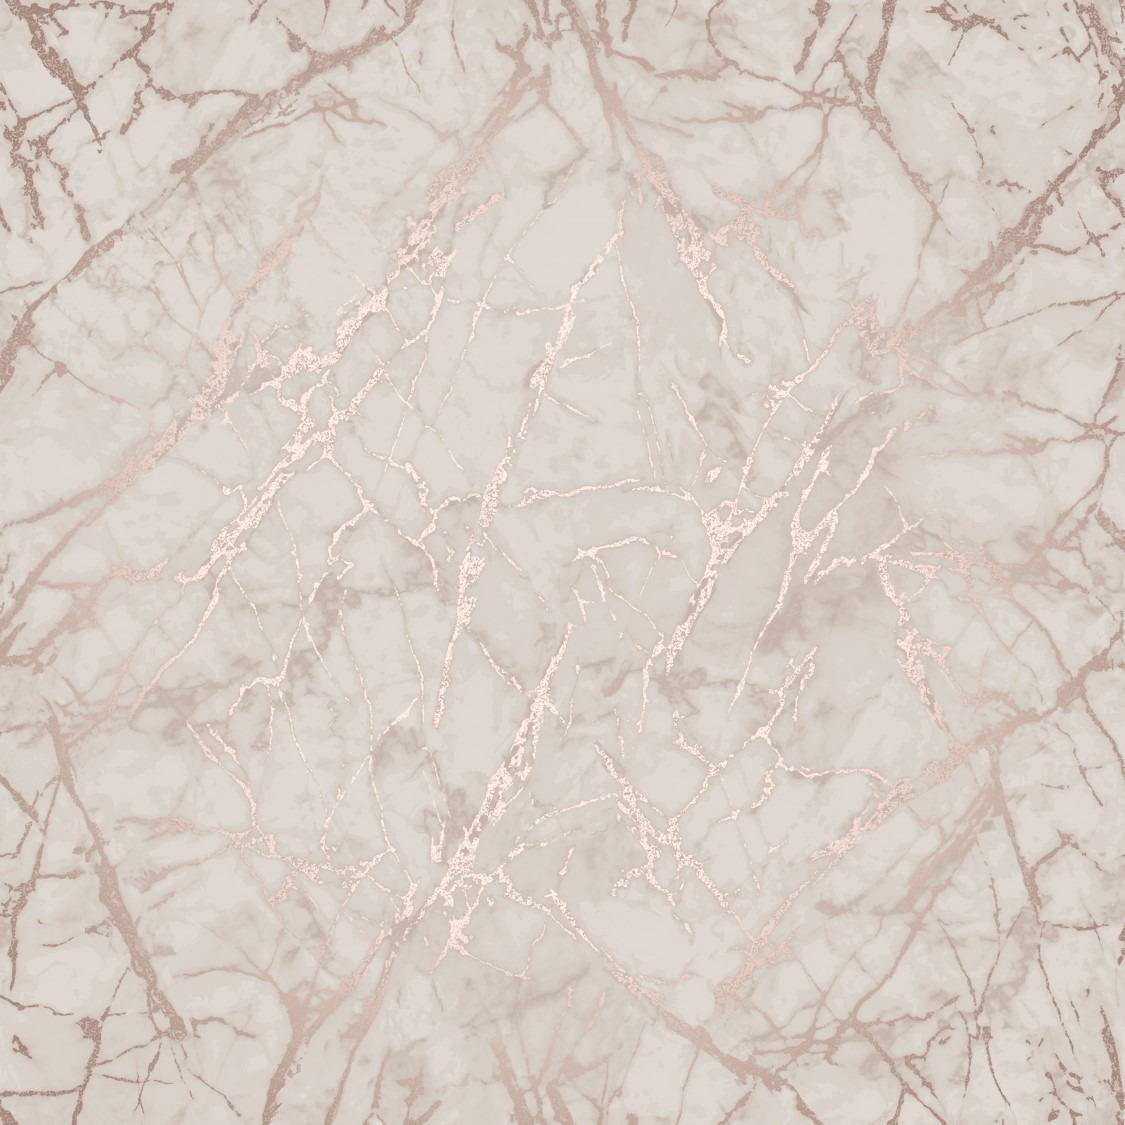 Rose Gold Metallic Marble Wallpaper